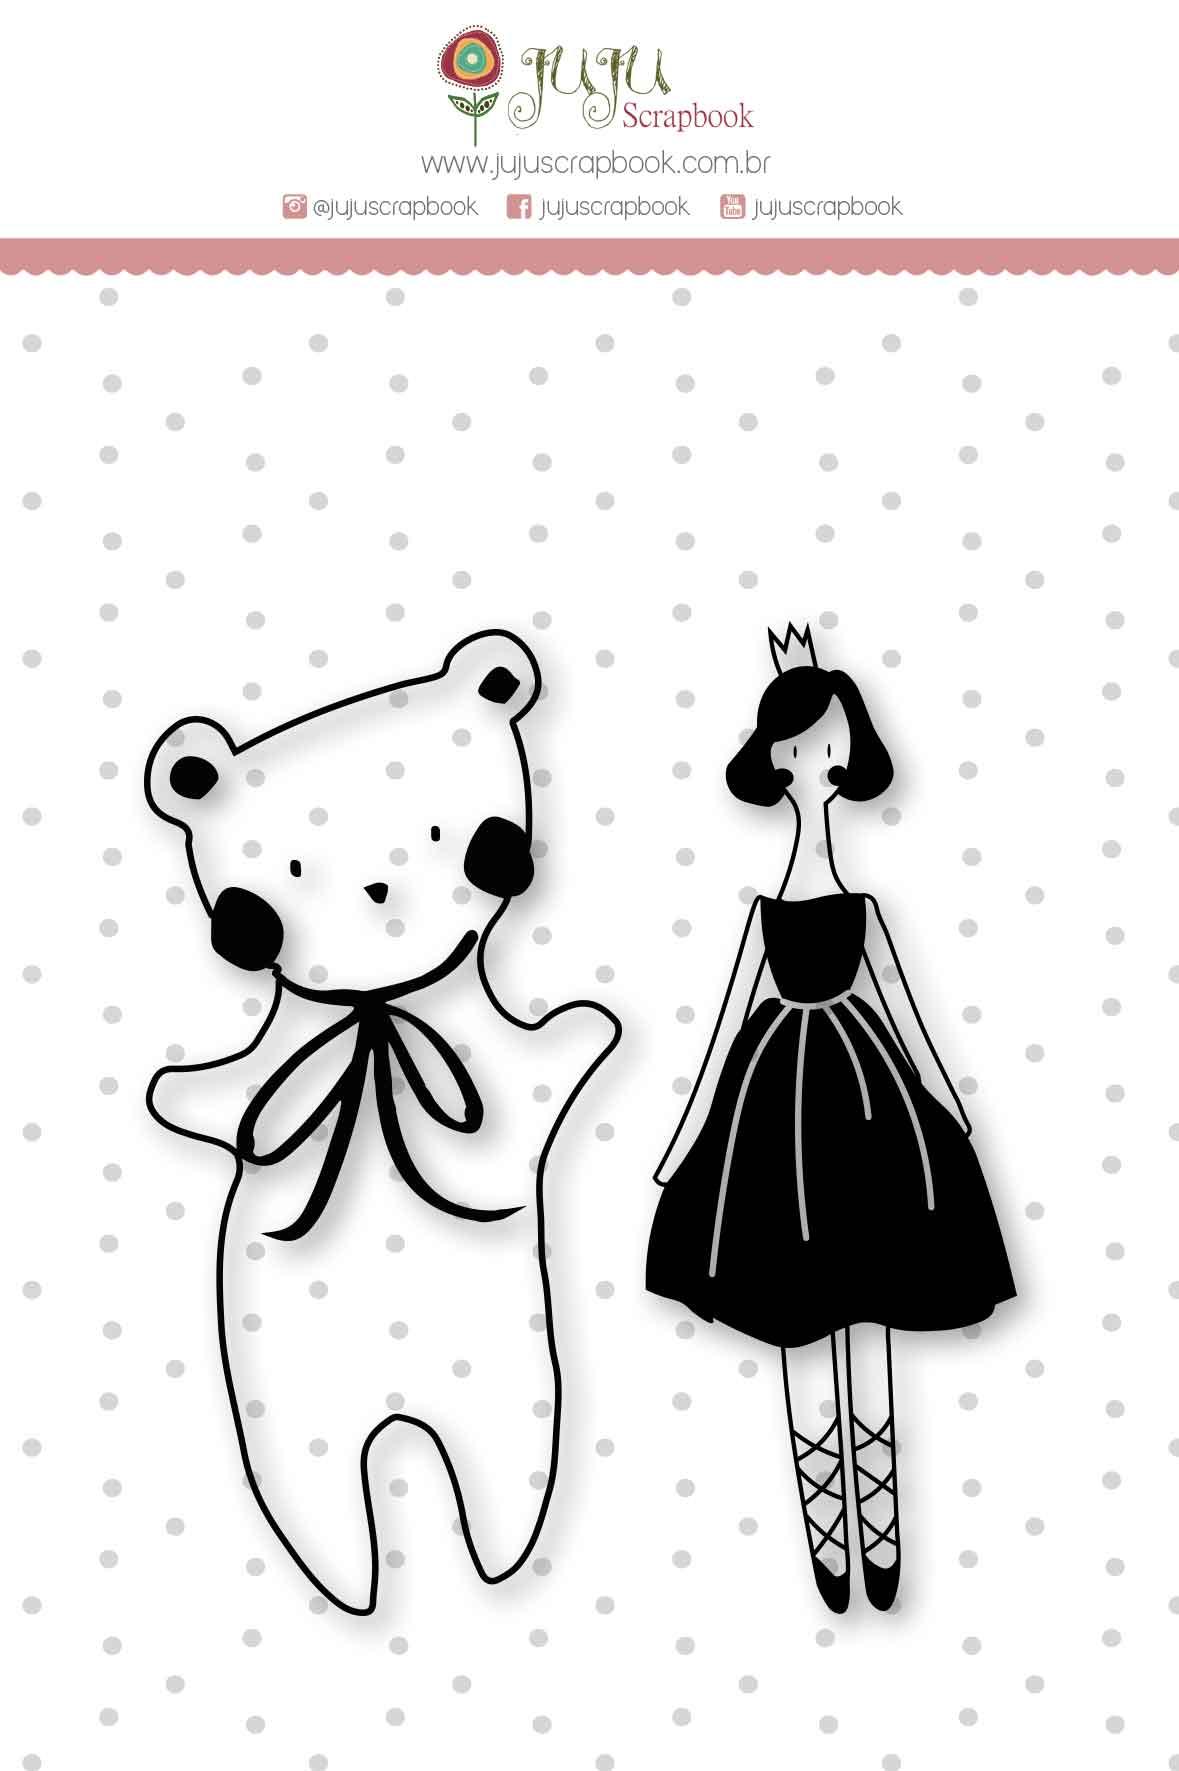 """Cartela de Carimbo M """"Urso e Bailarina"""" - Coleção Mundo Mágico / JuJu Scrapbook  - JuJu Scrapbook"""